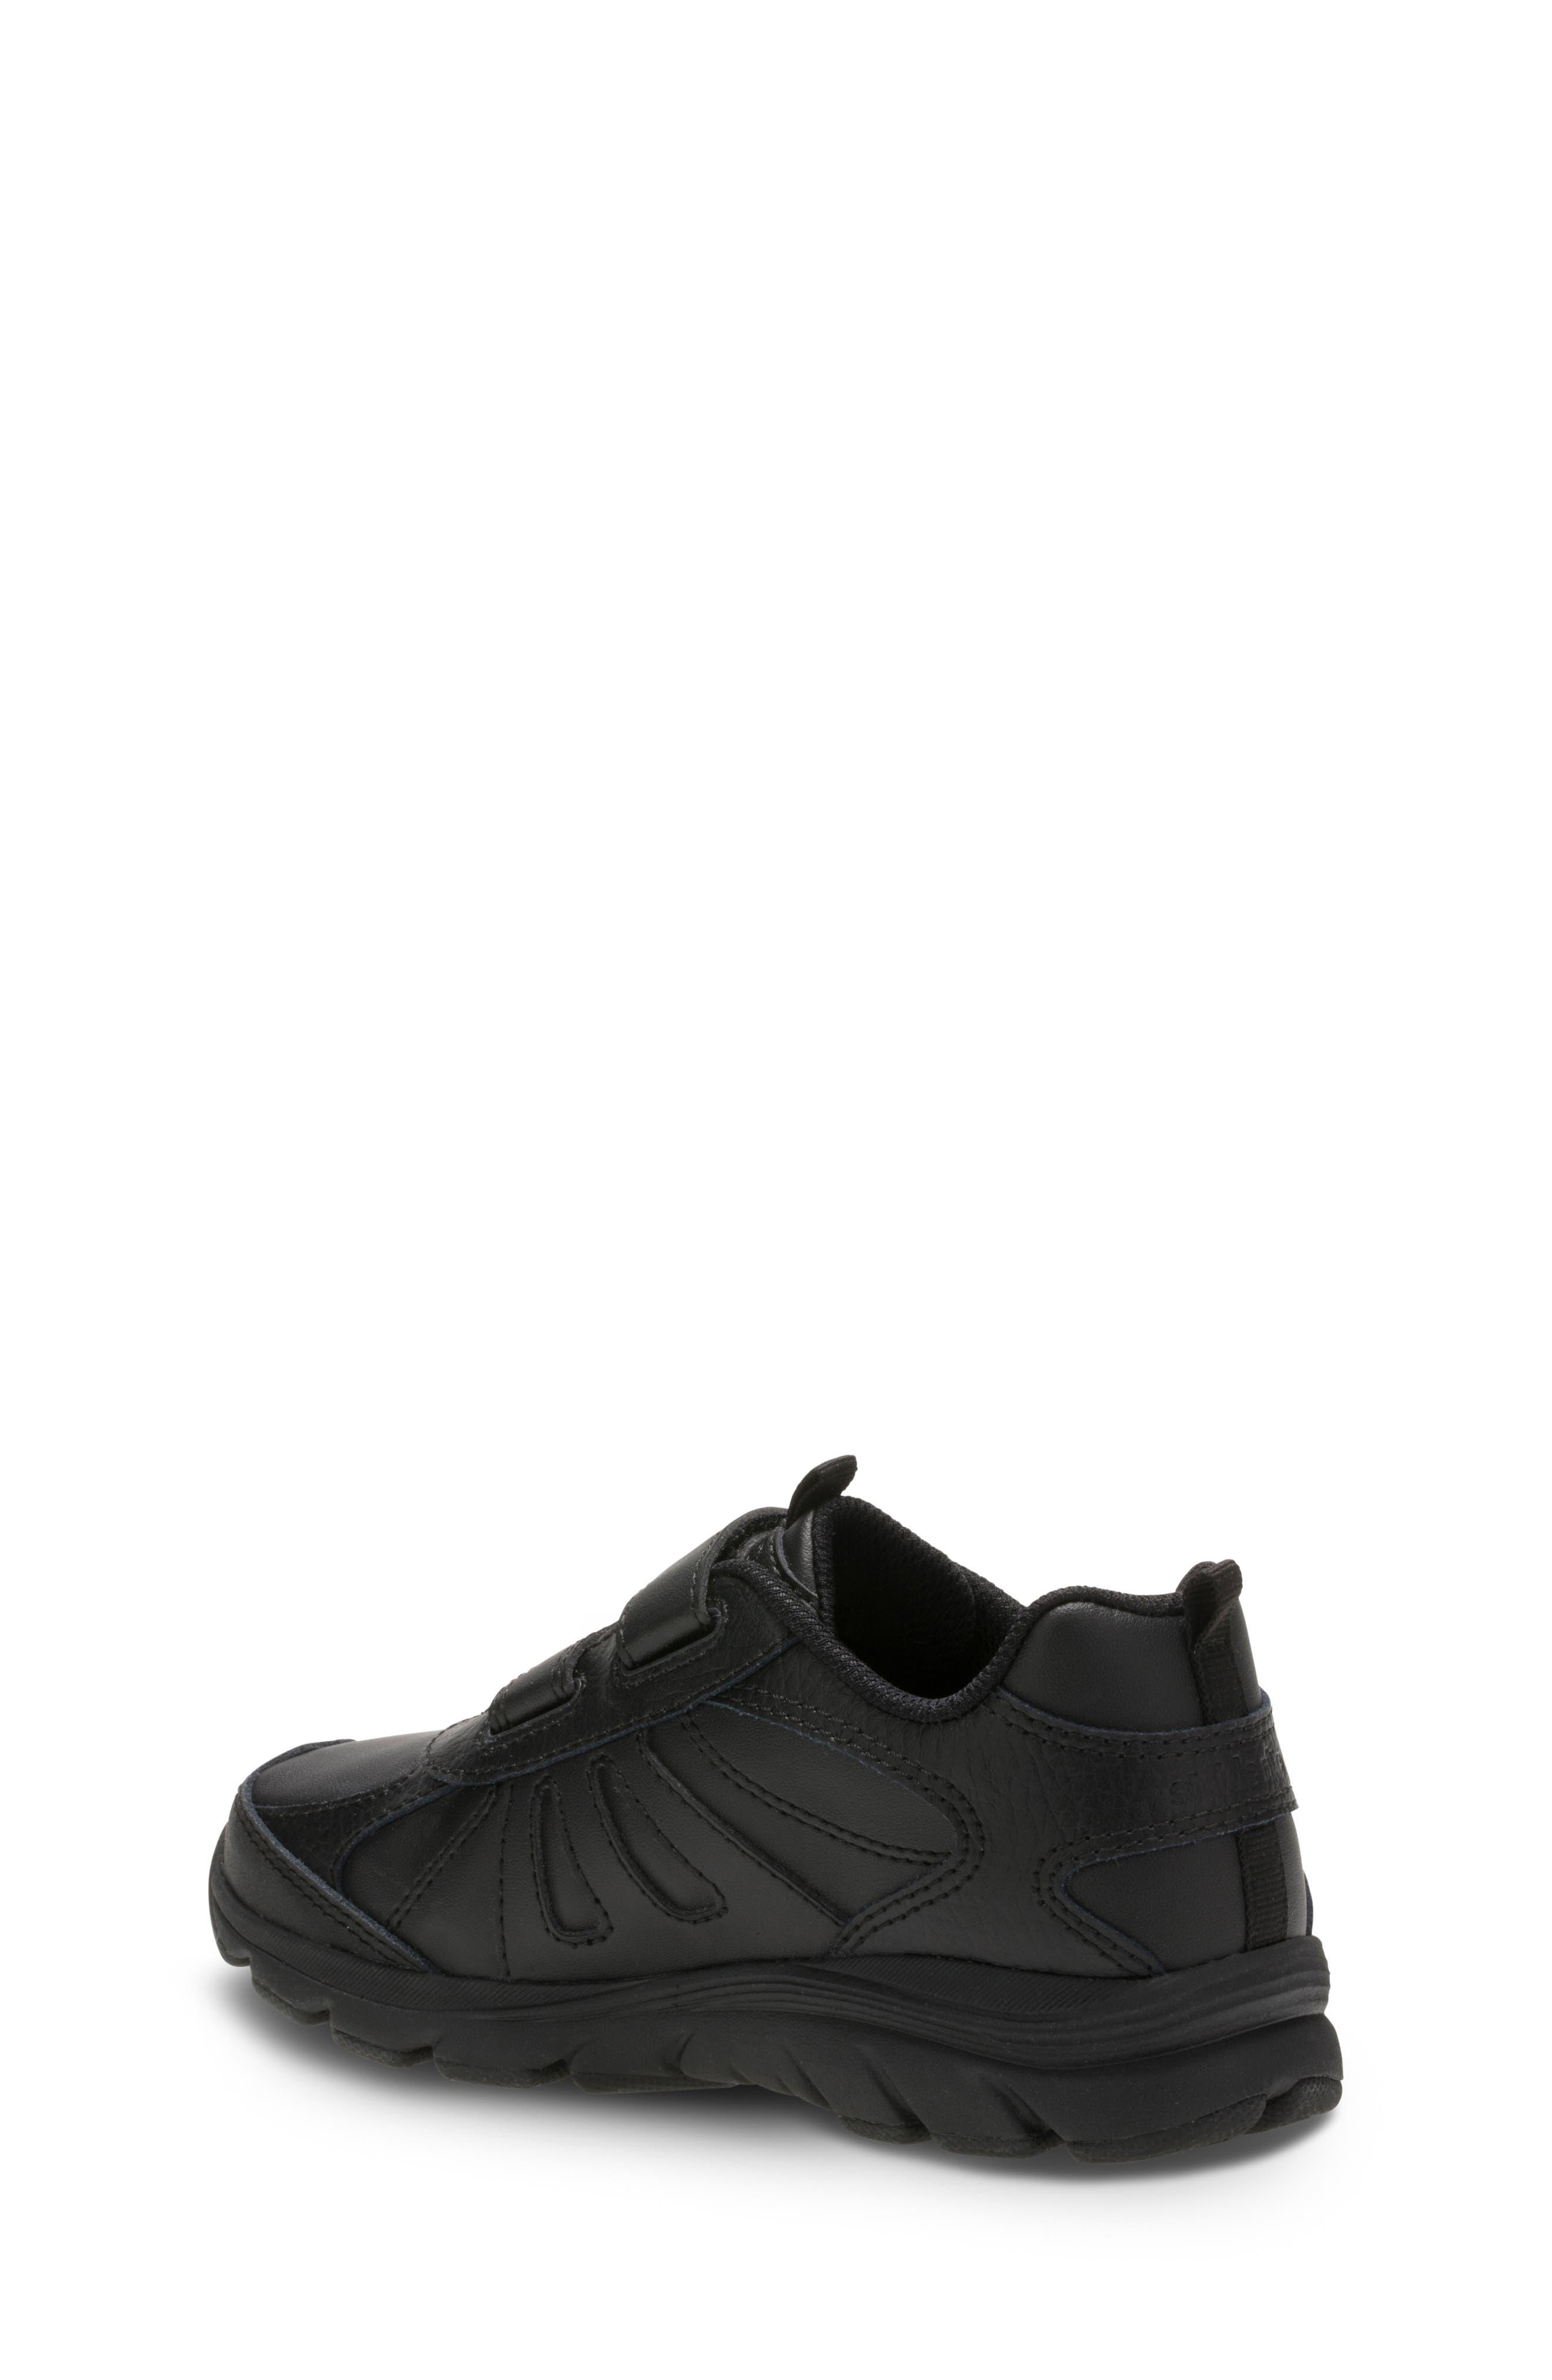 Cooper 2.0 Sneaker,                             Alternate thumbnail 2, color,                             BLACK